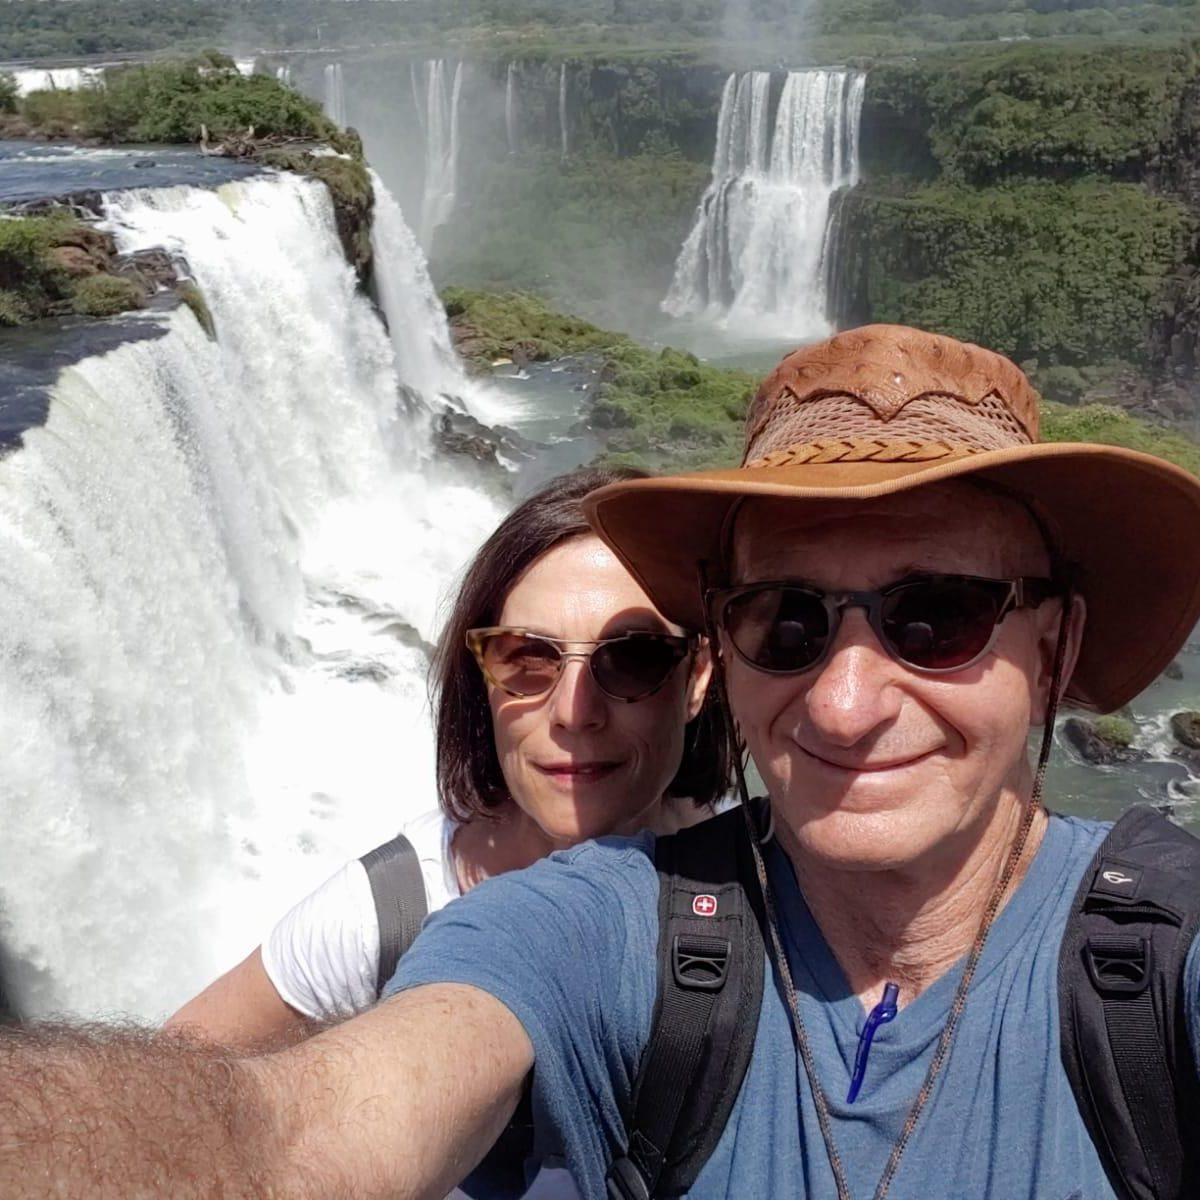 המלצות טיול לדרום אמריקה